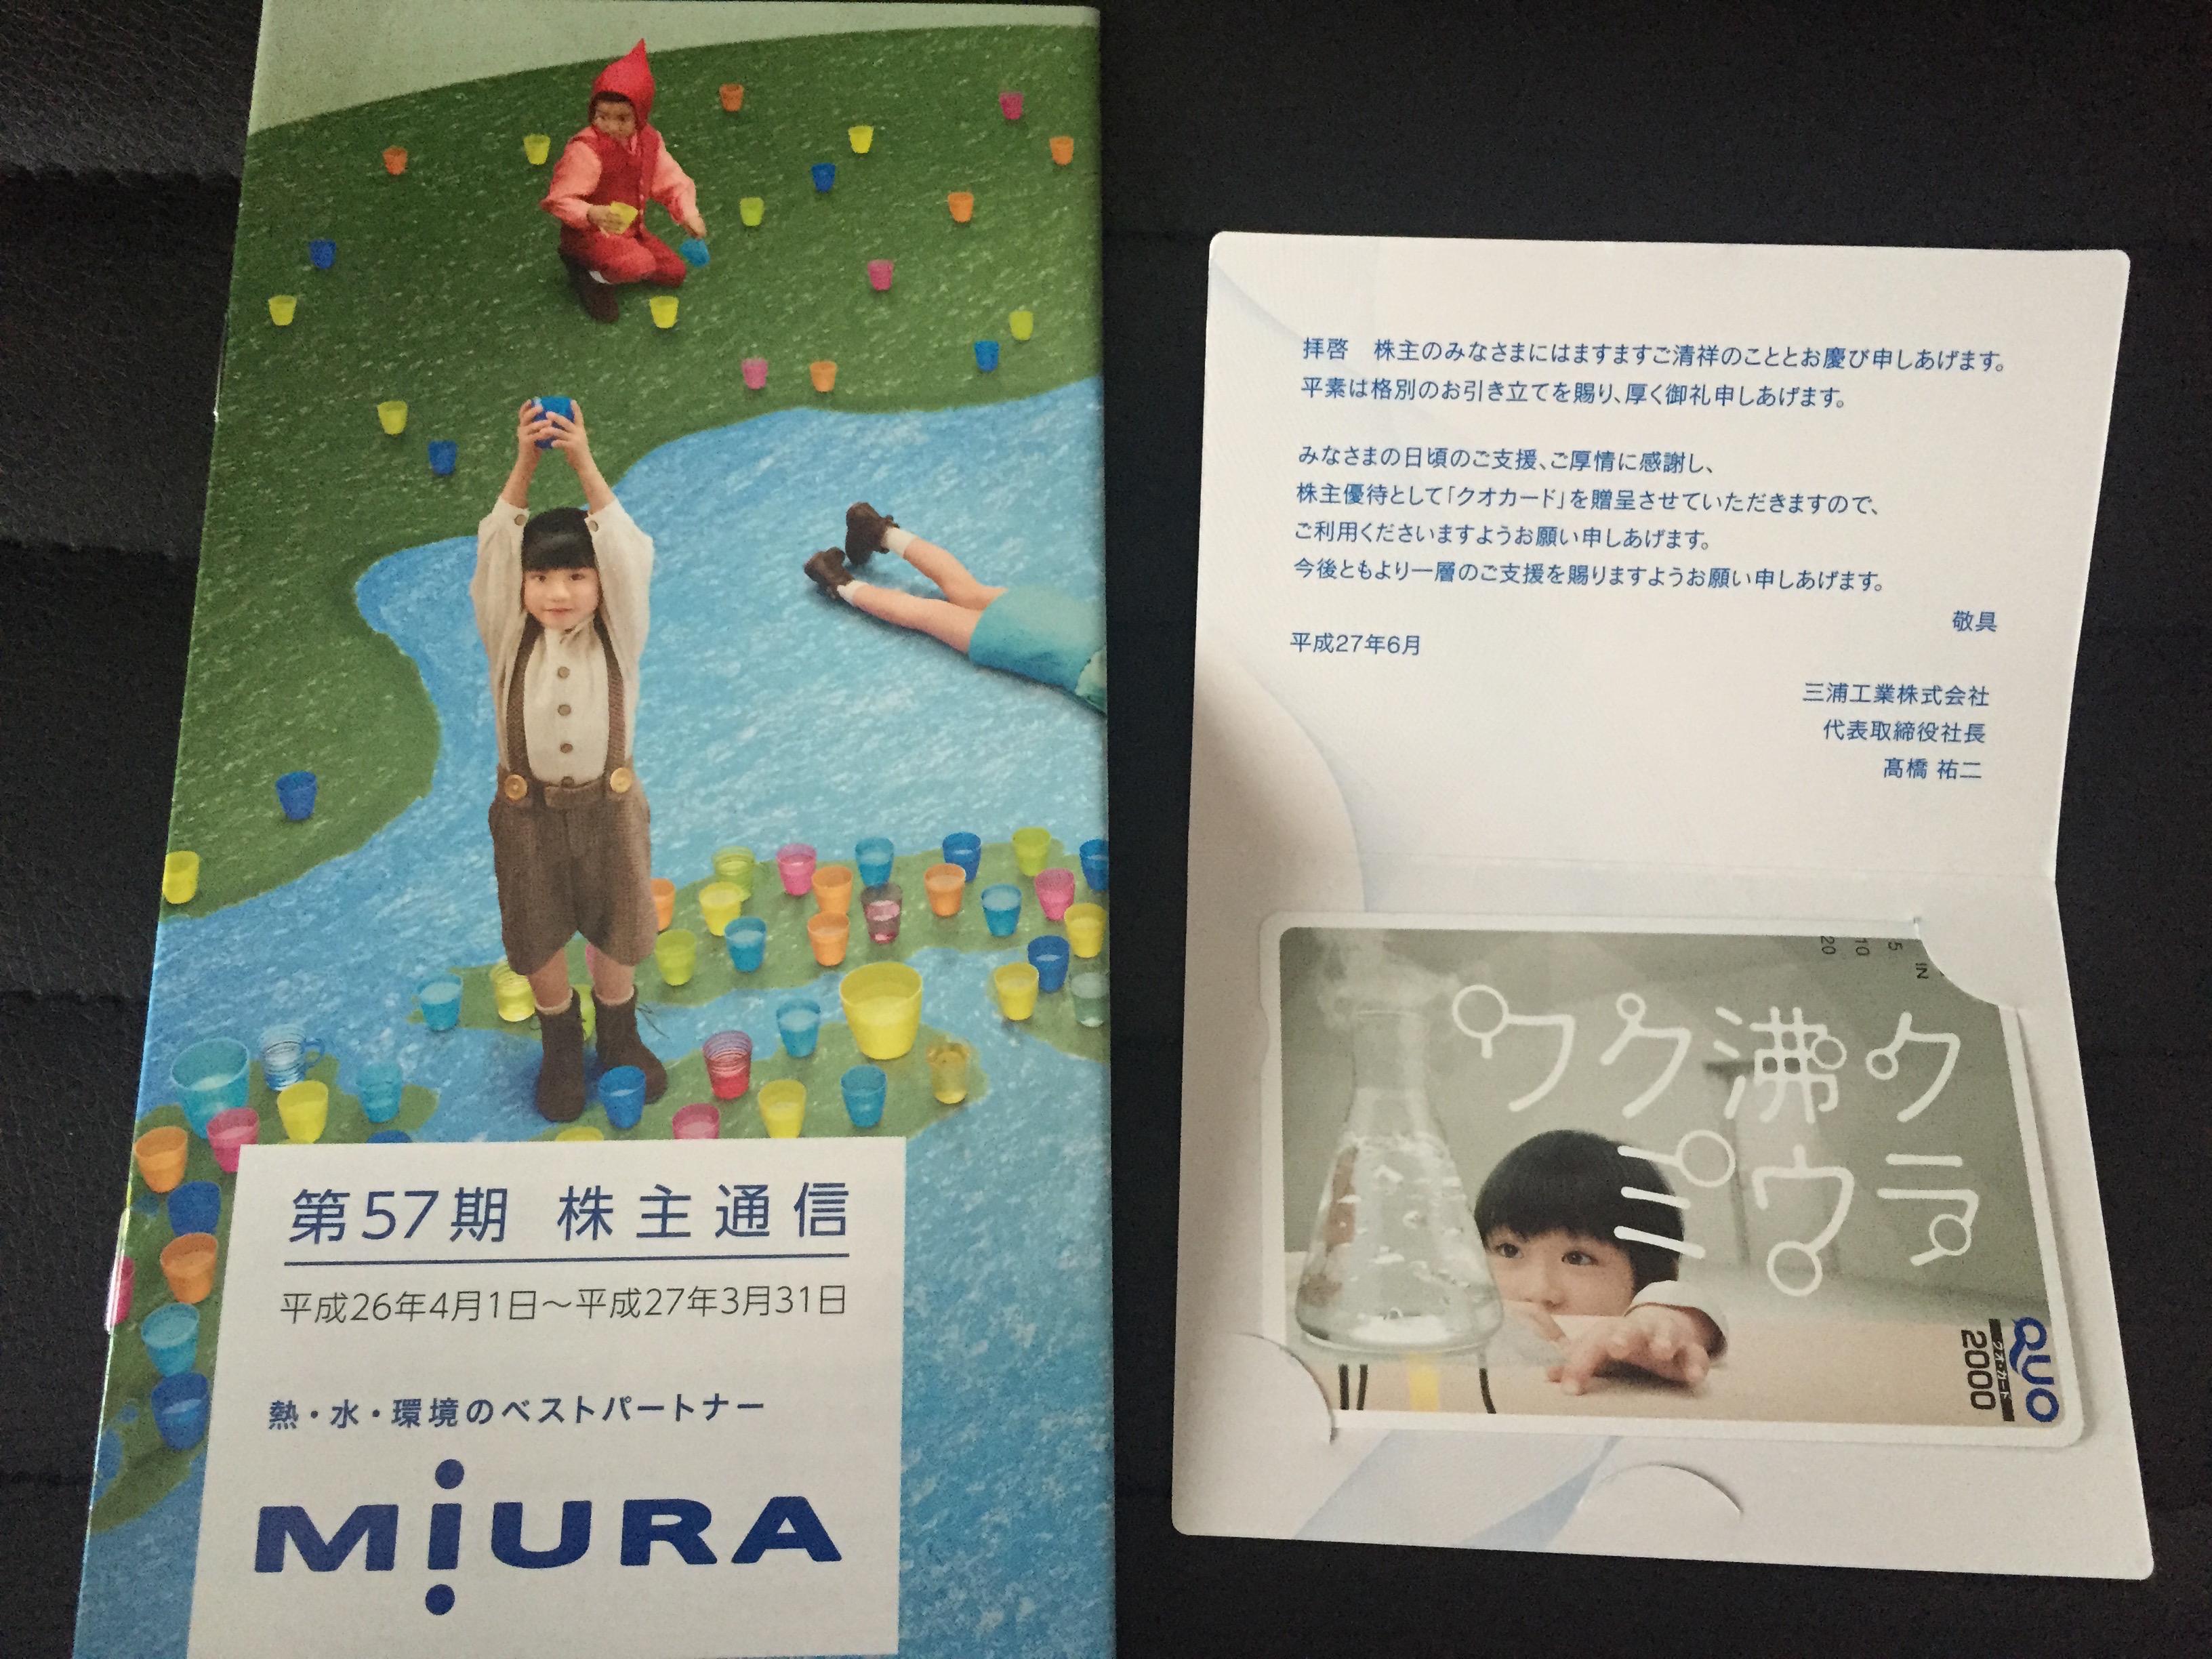 三浦工業(6005)の株主優待(2015年度)が到着!! 優待新設後初めての優待をゲット!!